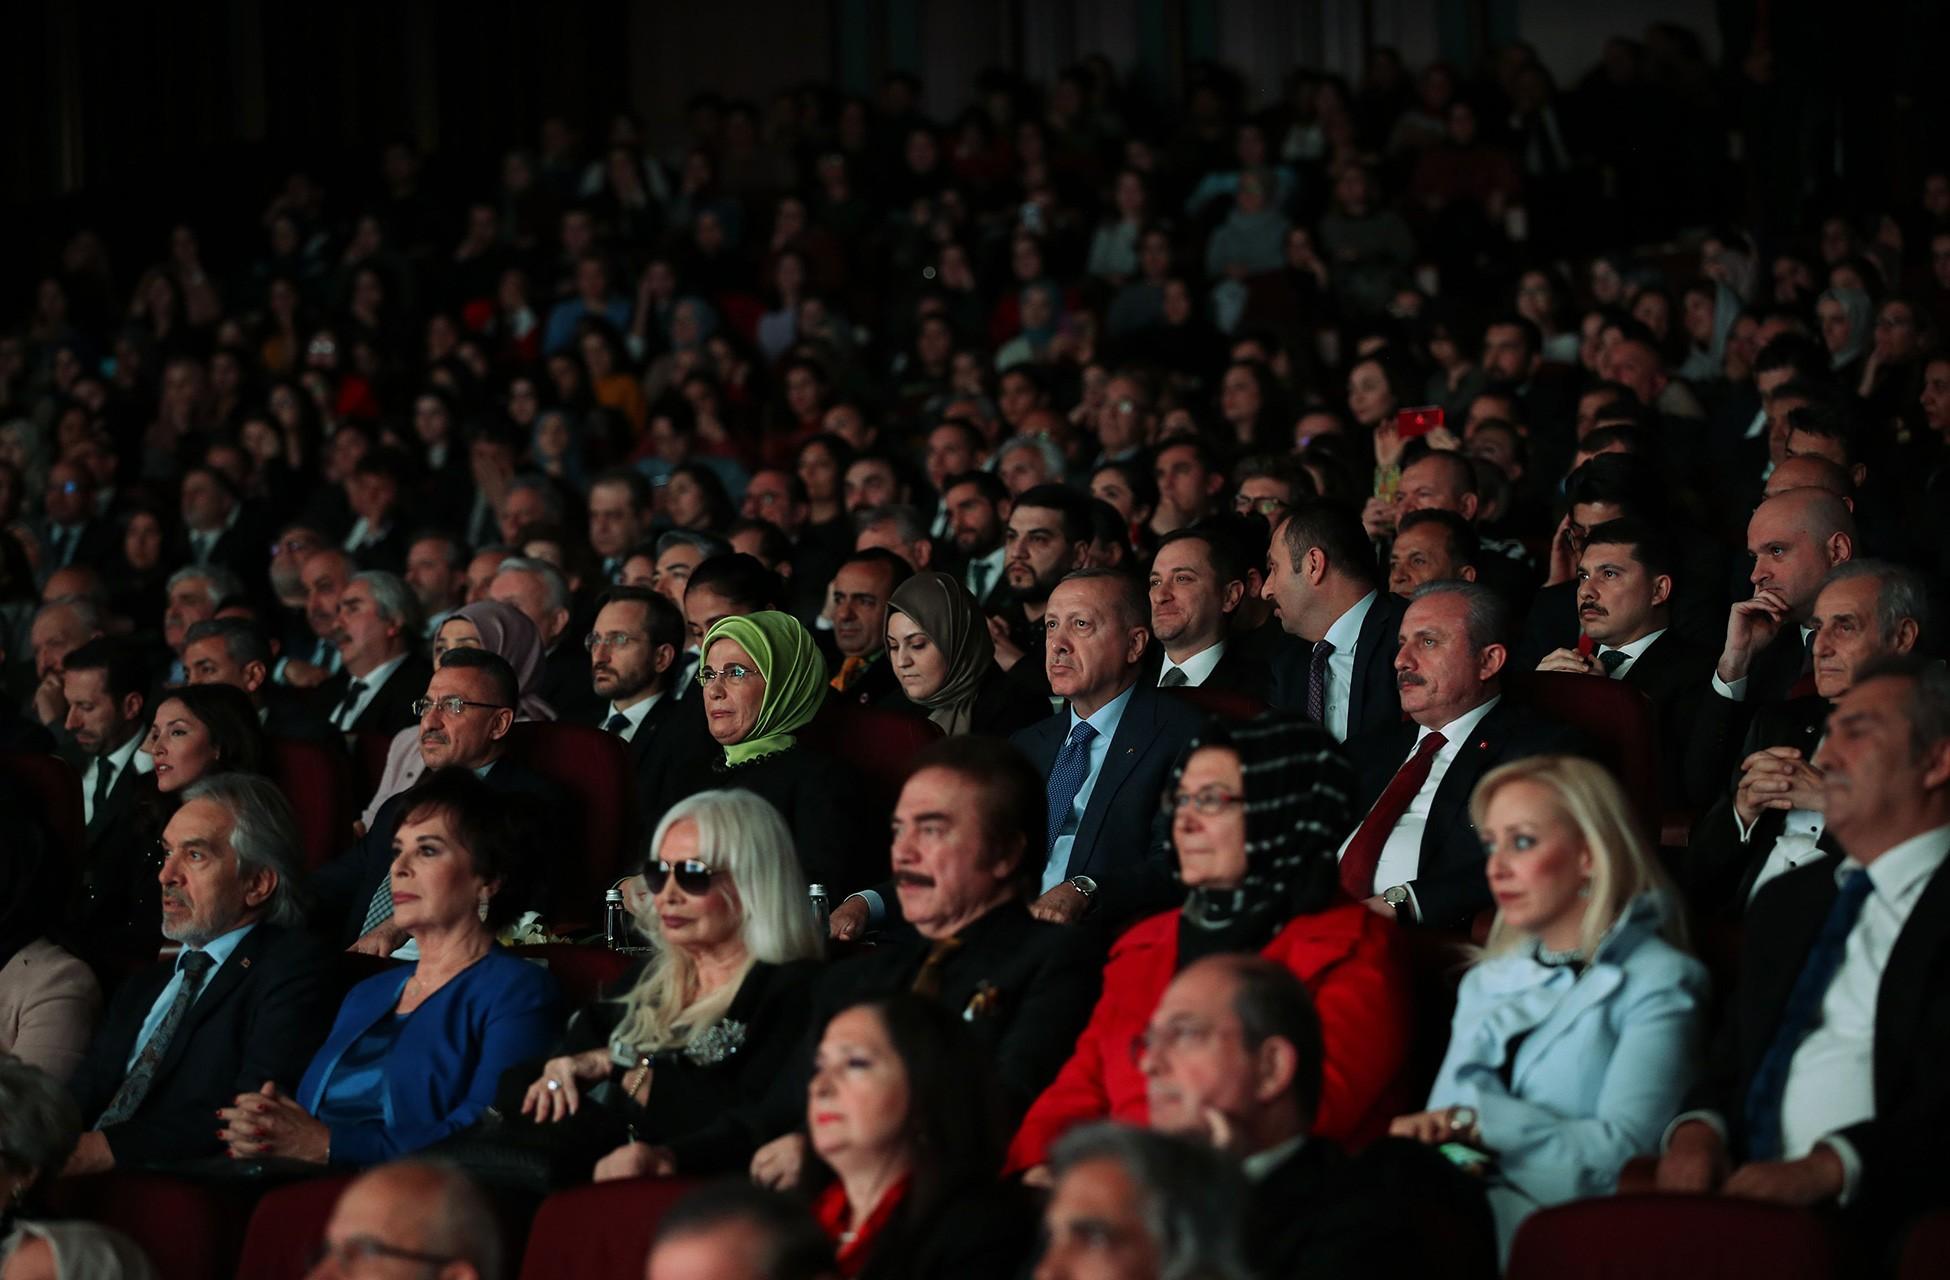 Cumhurbaşkanlığı sarayında düzenlenen ödül törenine katılan konuklar.